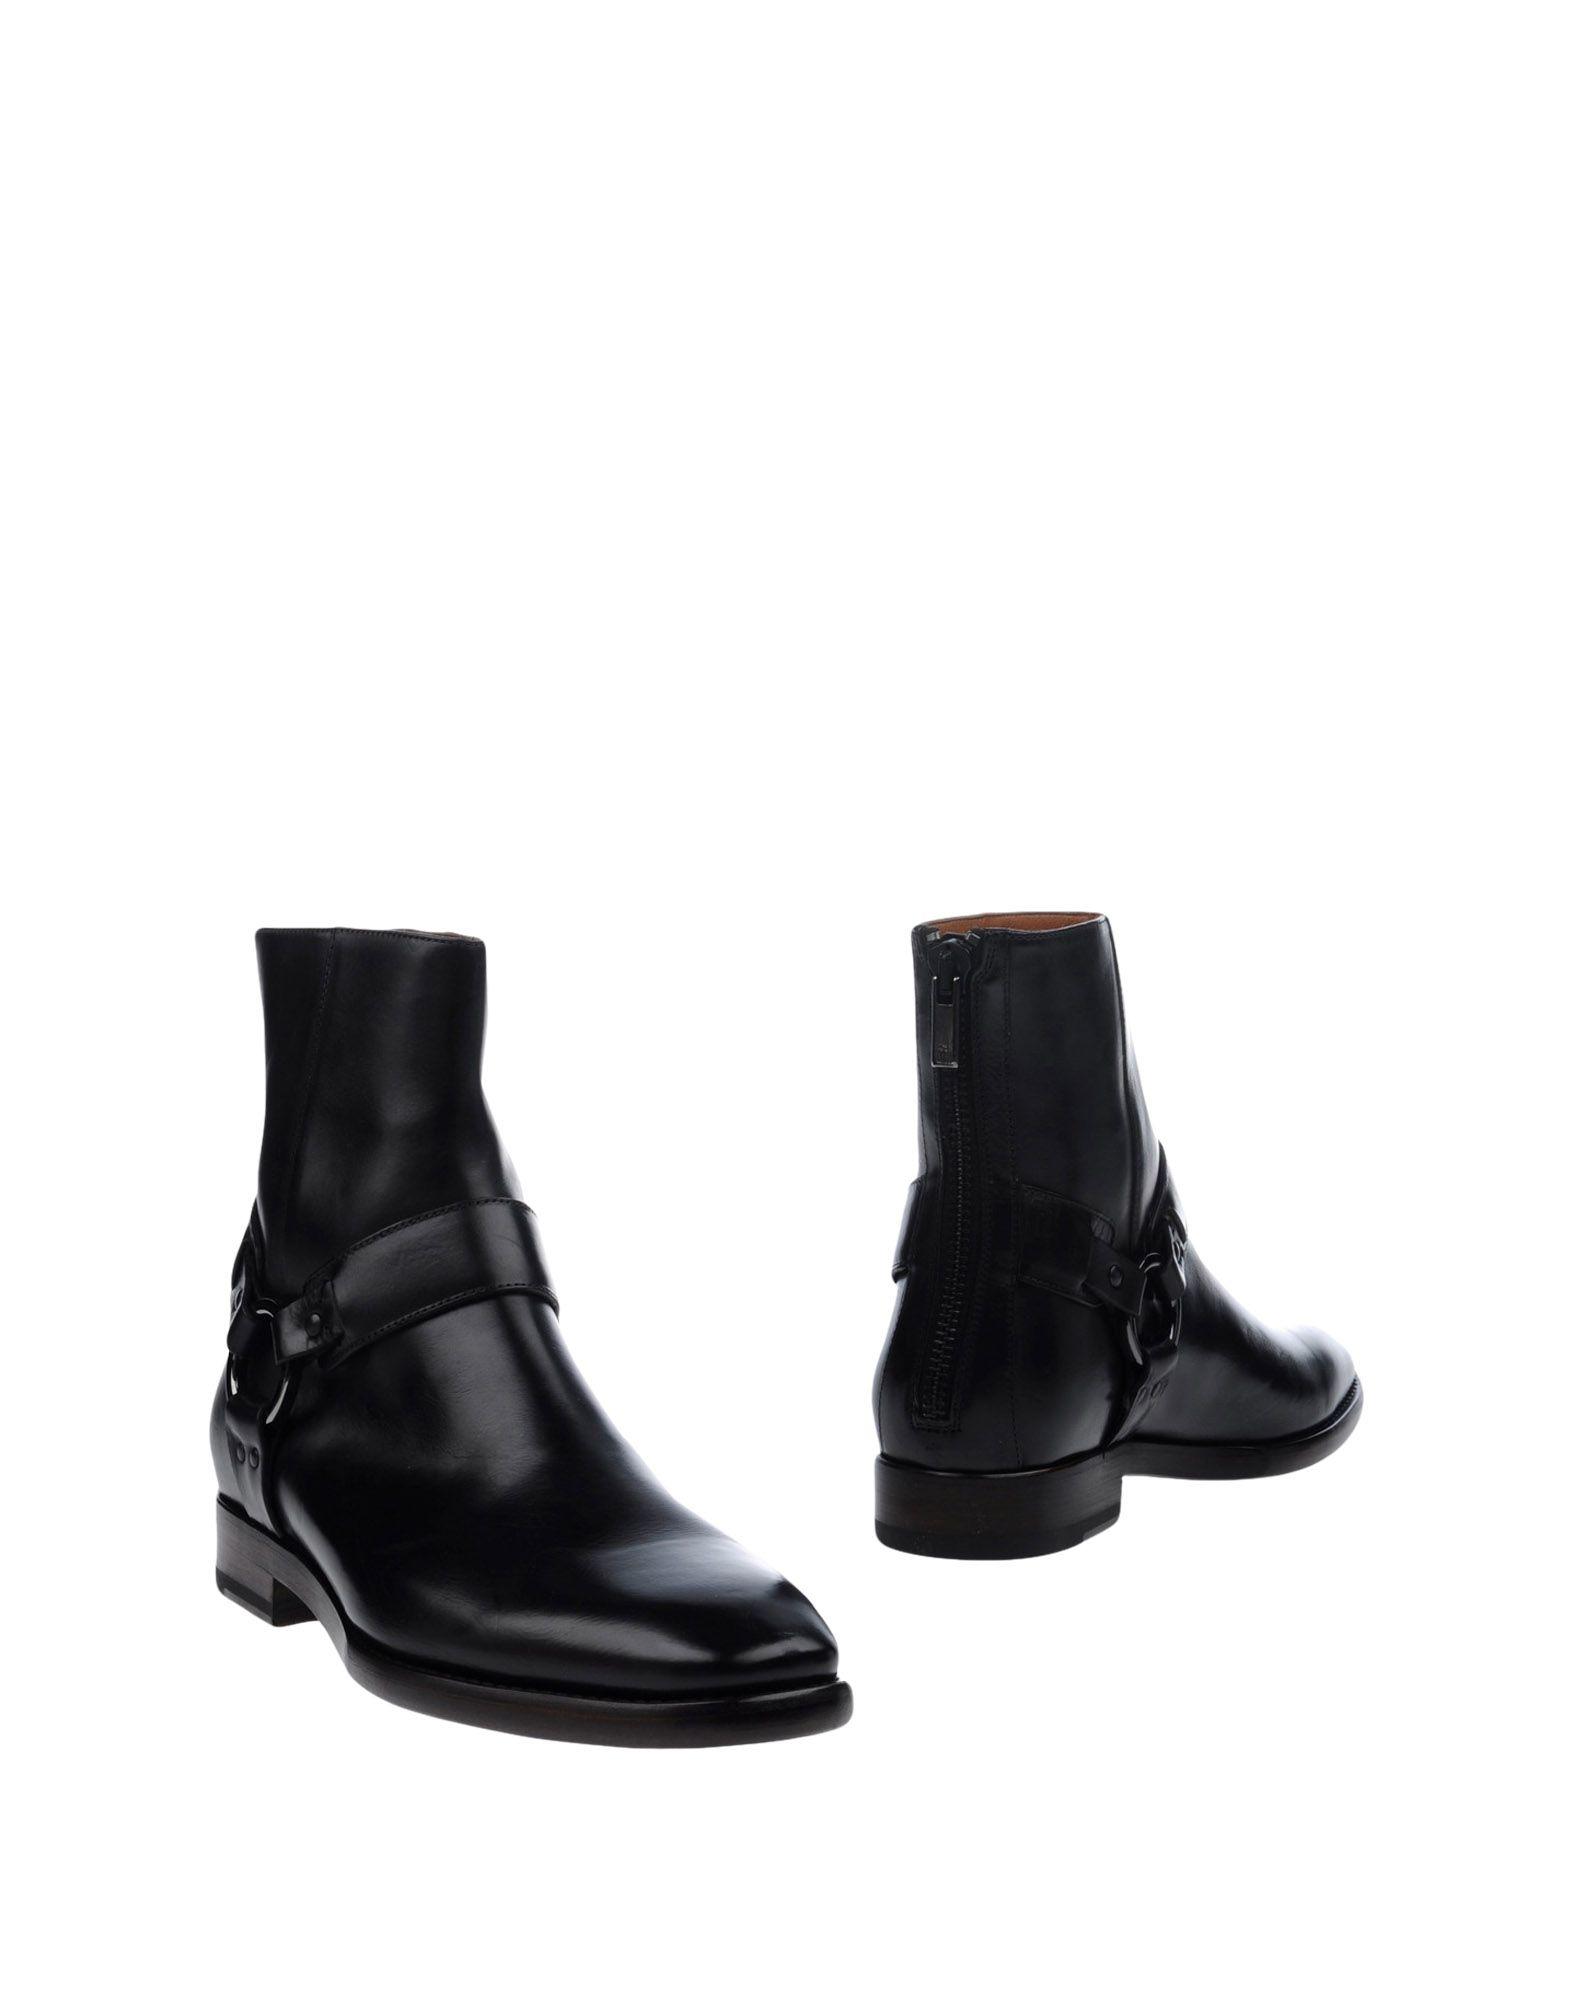 Frye Stiefelette Herren  11274448ME Gute Qualität beliebte Schuhe